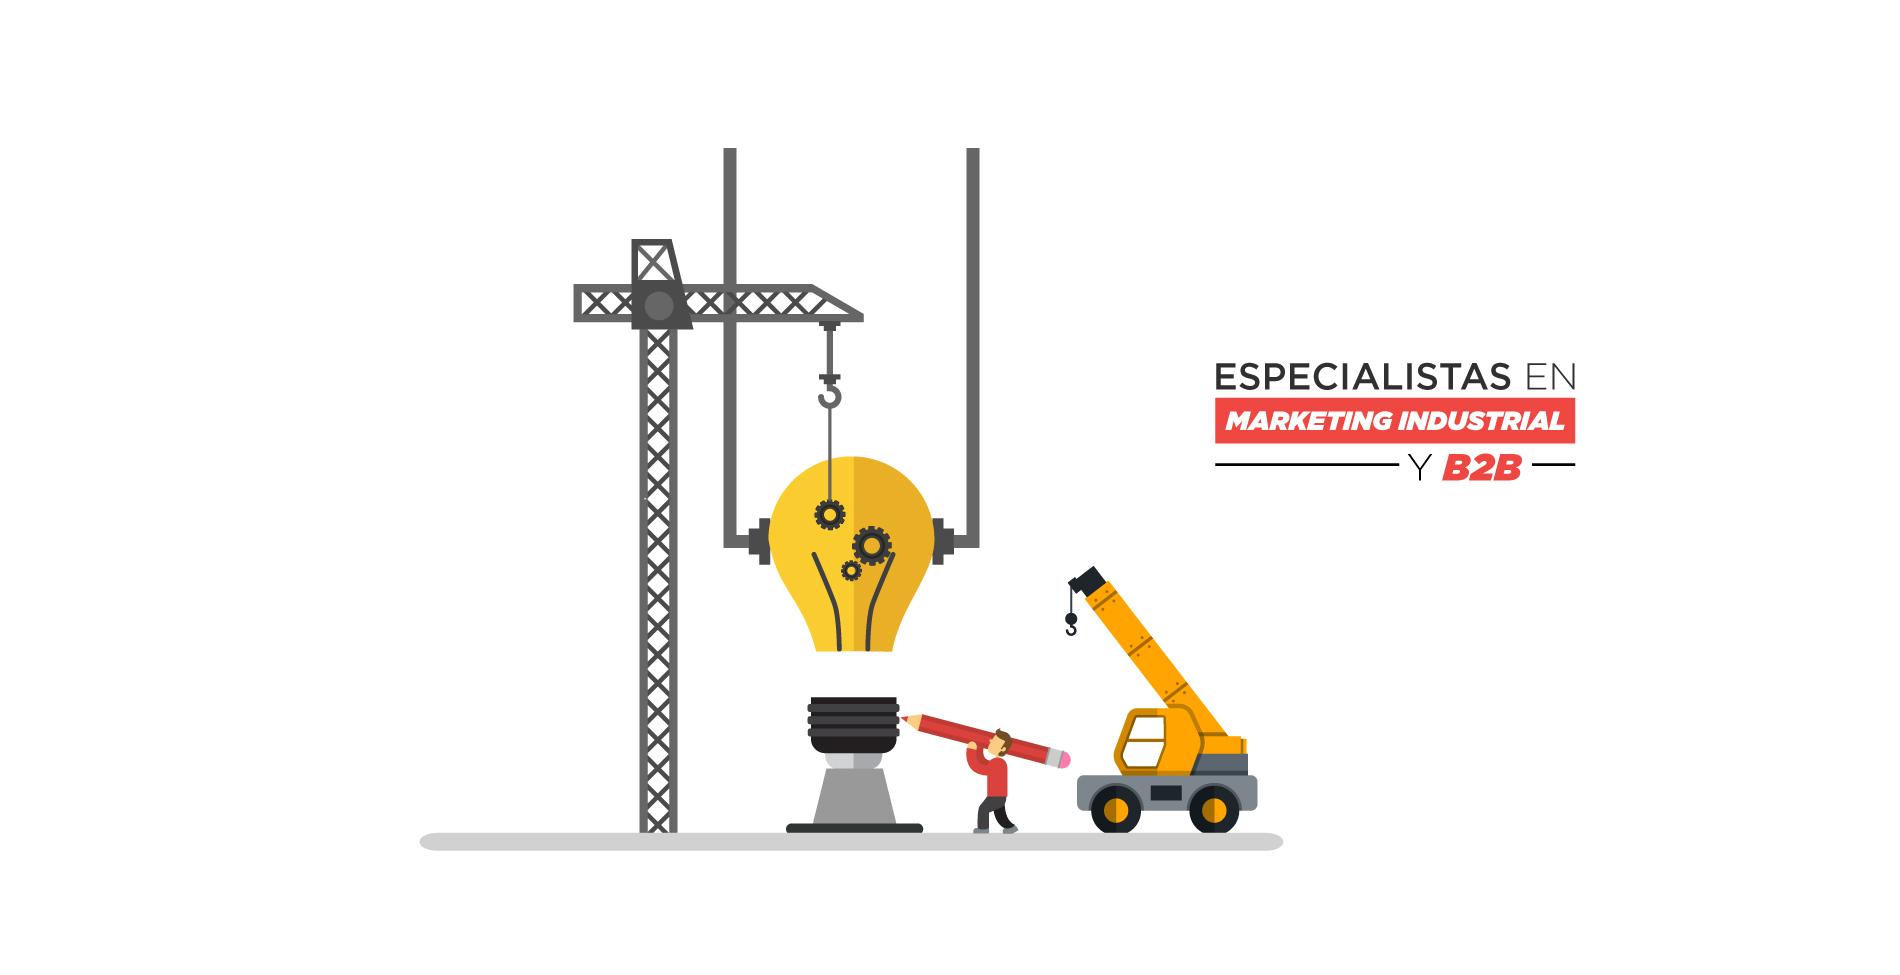 Especialistas-en-marketing-b2b-agencia-plams